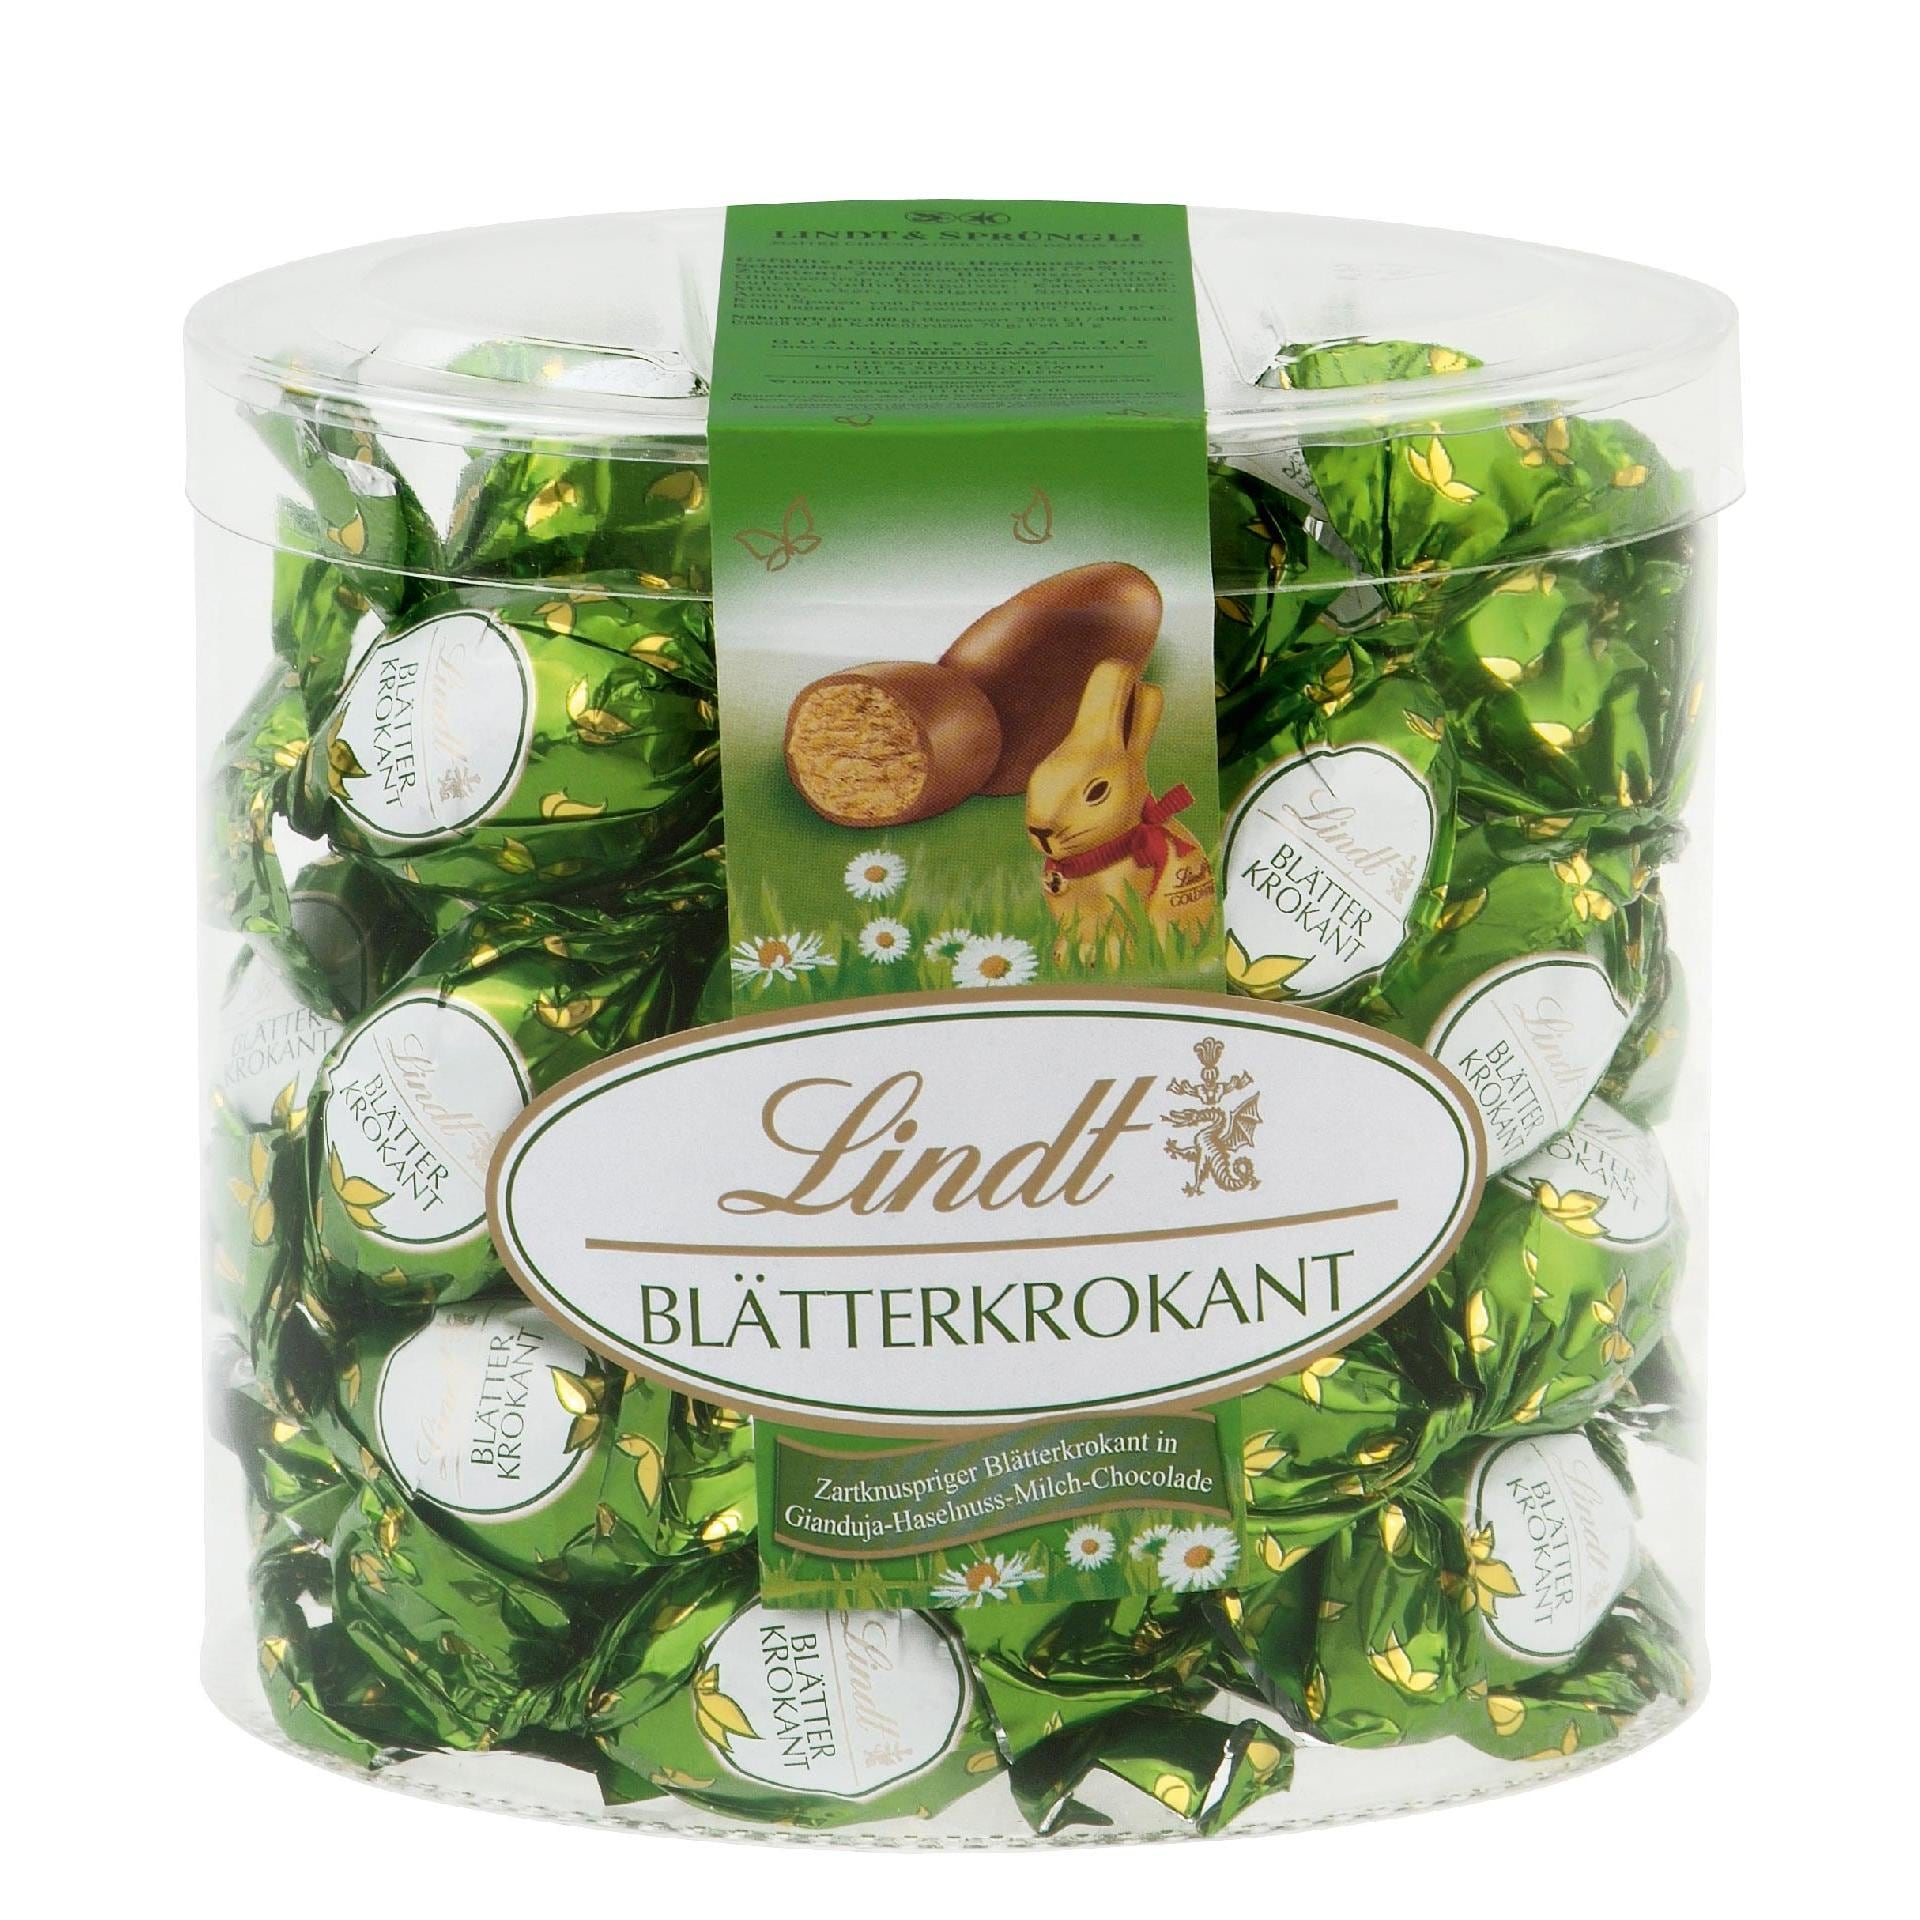 Lindt Blätterkrokant Schokoladen-Eier 425g, 25 Stück